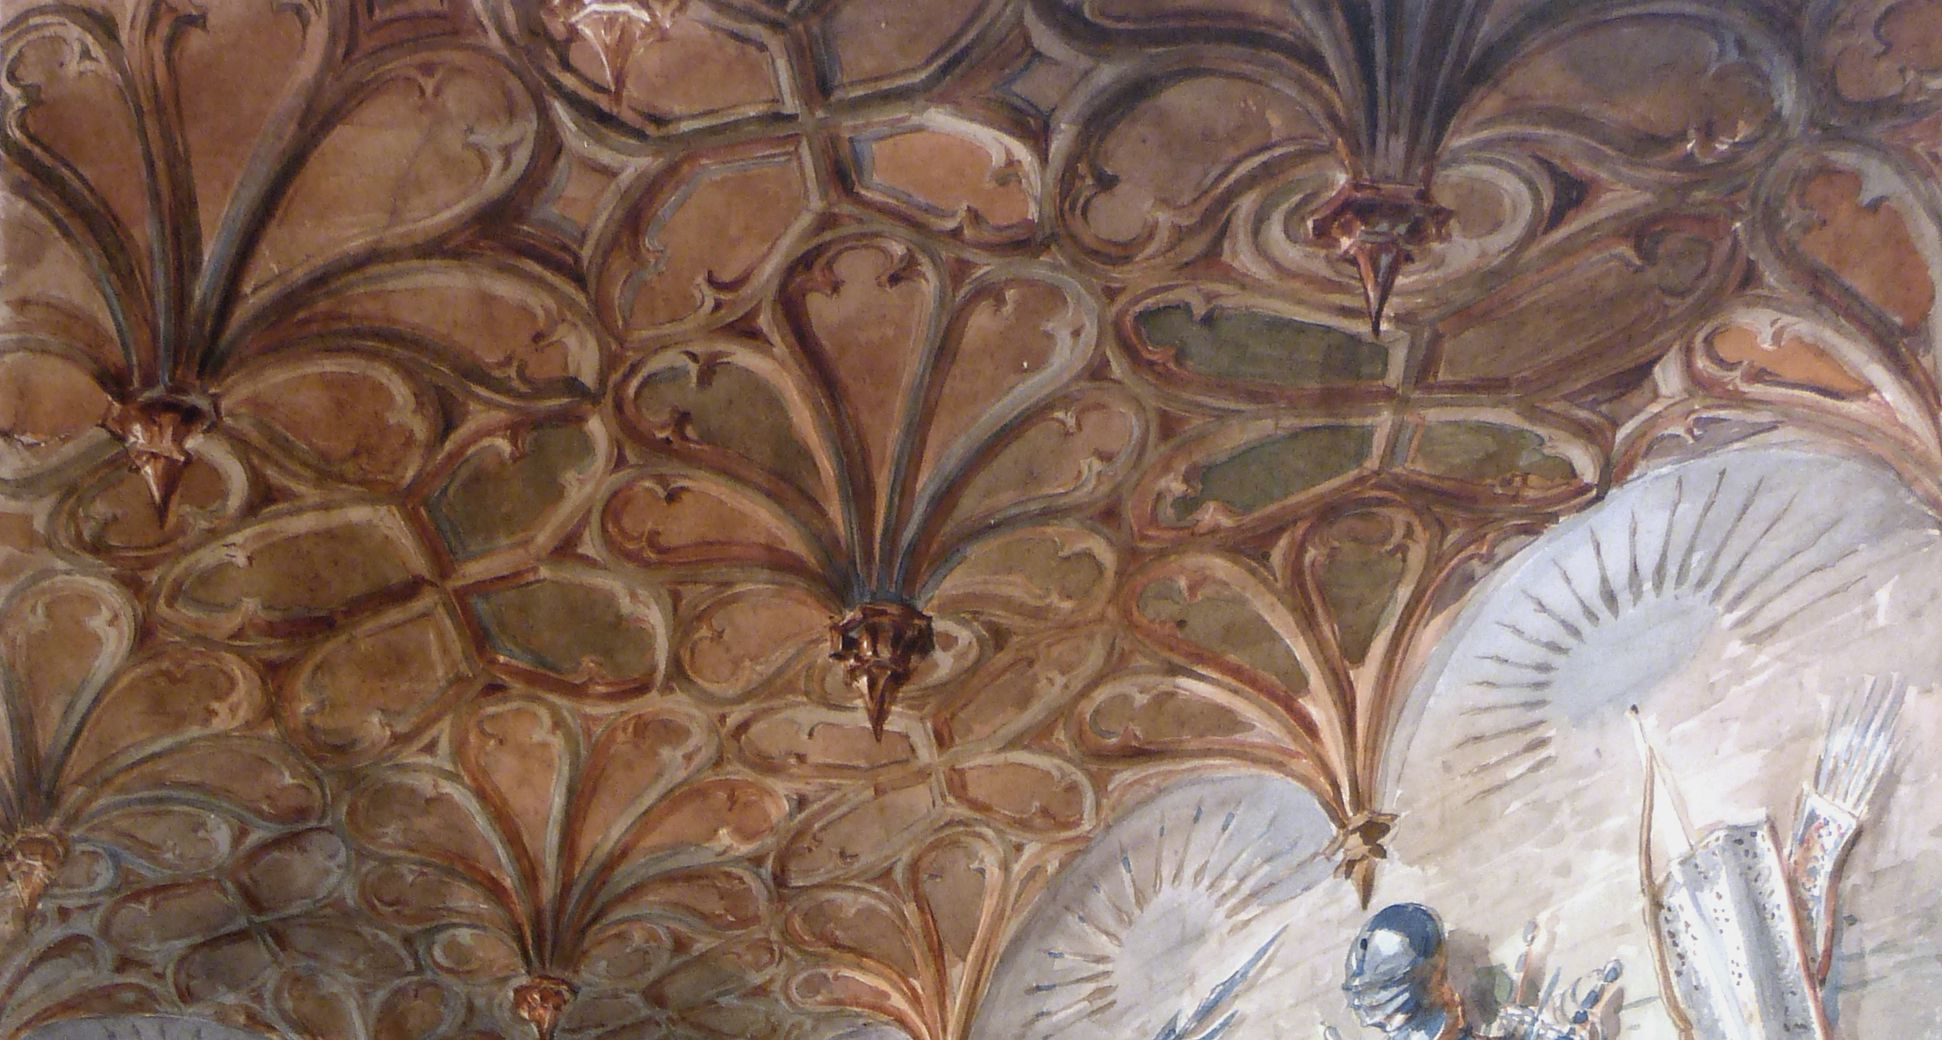 Armoury Detail